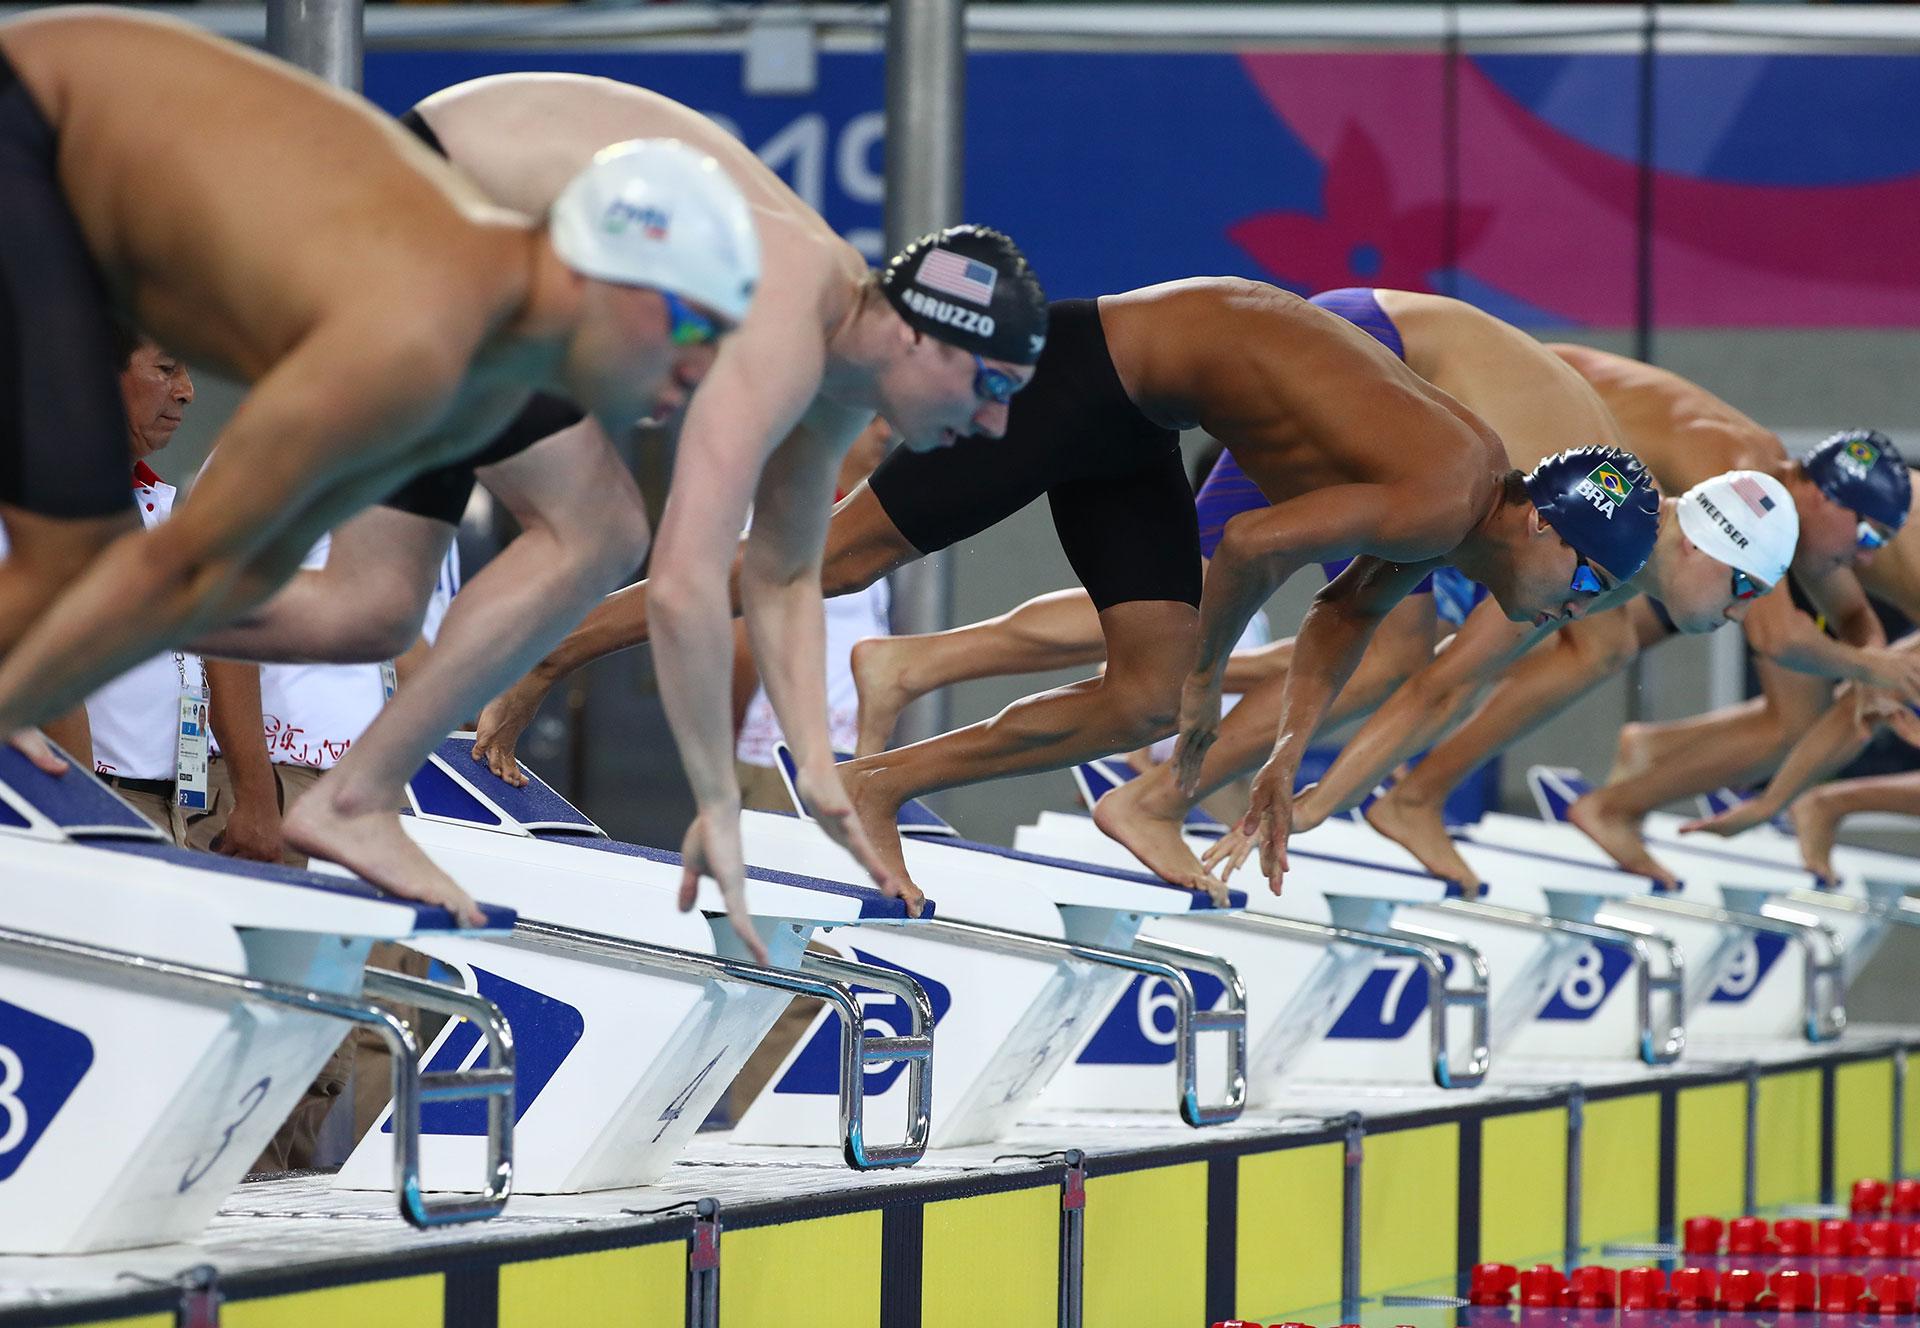 Los nadadores se lanzan a la pileta para competir en los 200 metros medley